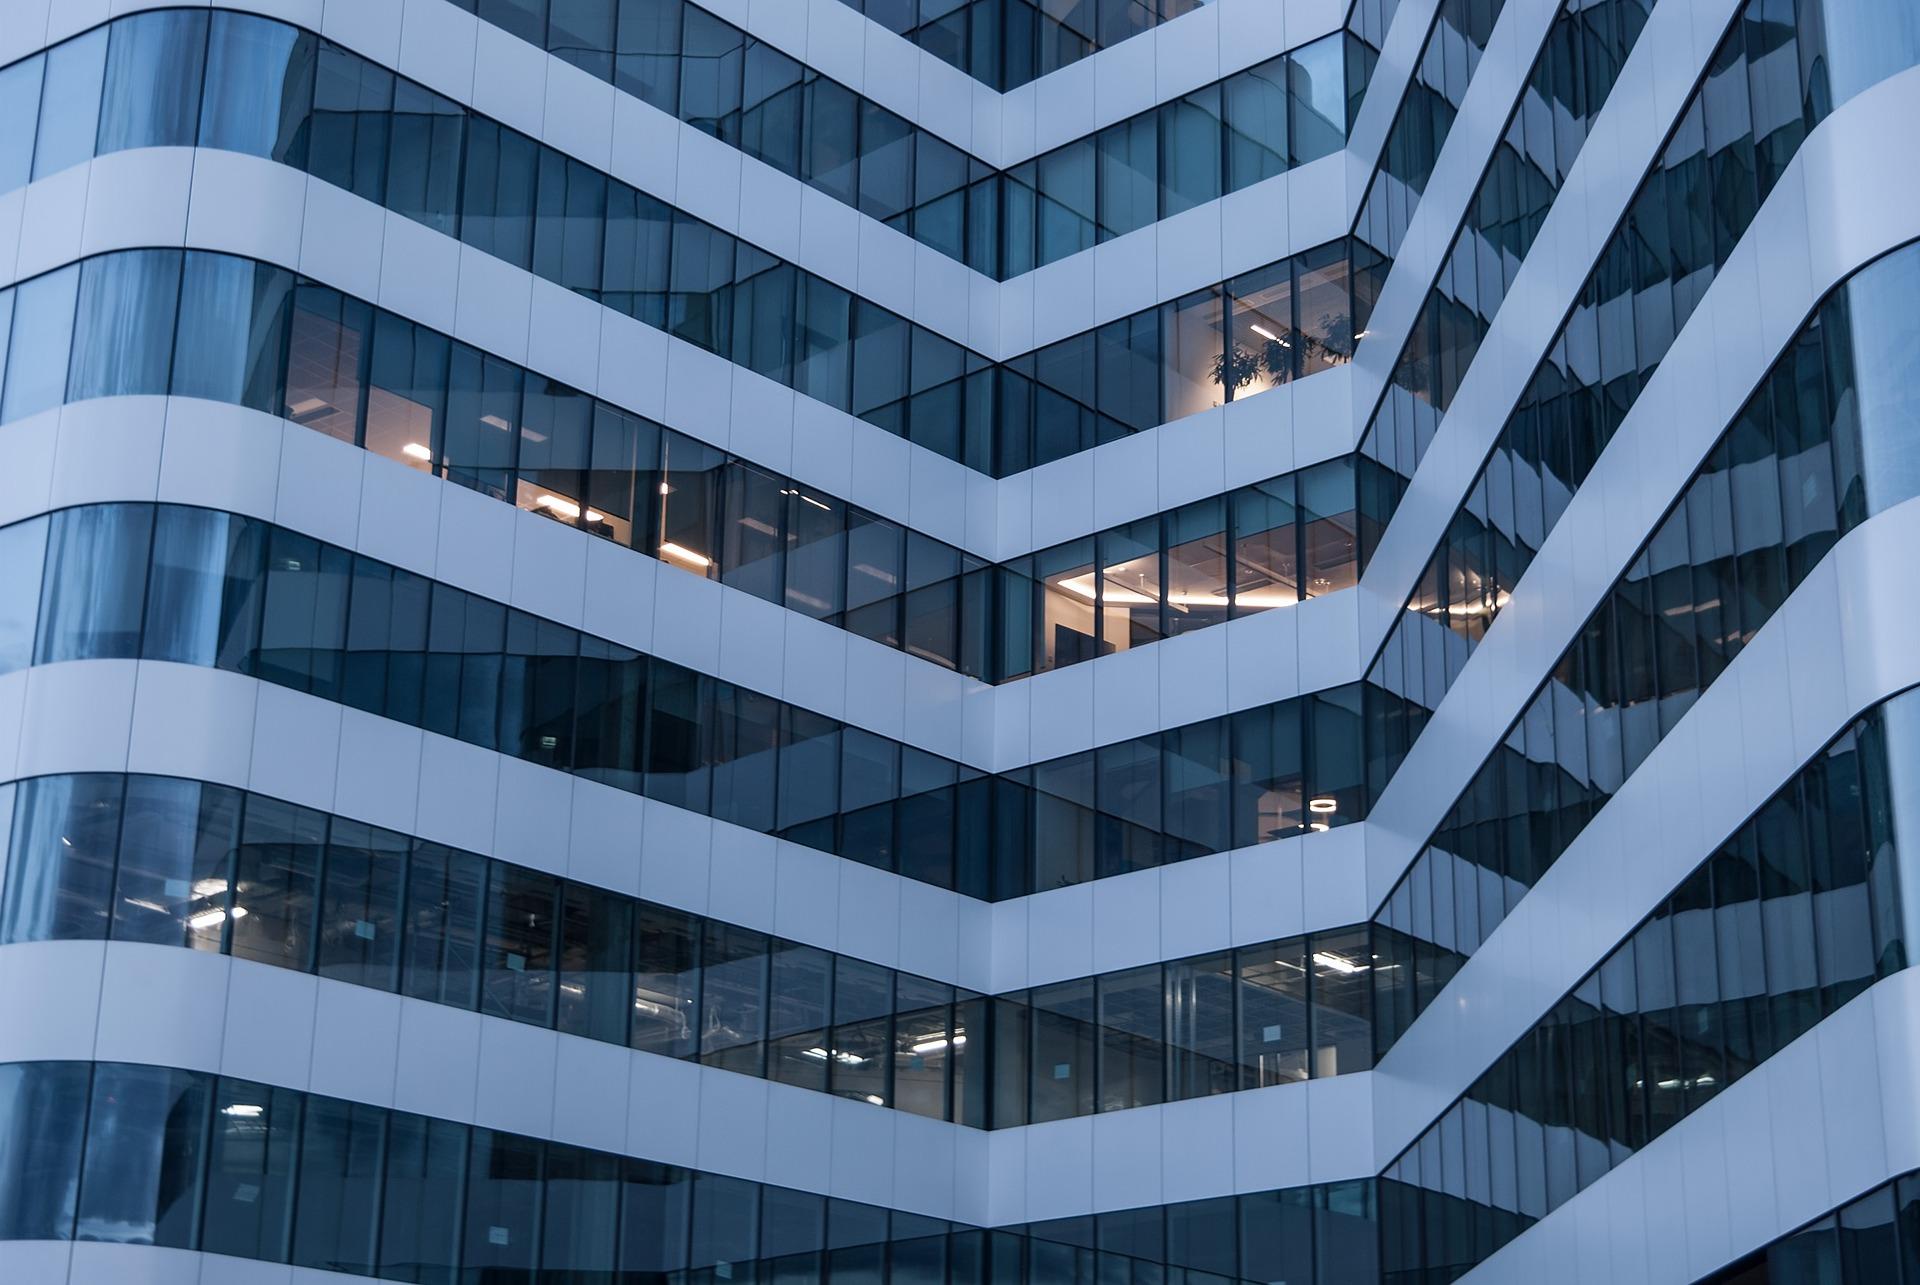 Real-Estate - ESOP: Zona birourilor din centru-nord castiga teren, iar centru-vest se dezvolta vazand cu ochii. Topul chiriilor din Capitala